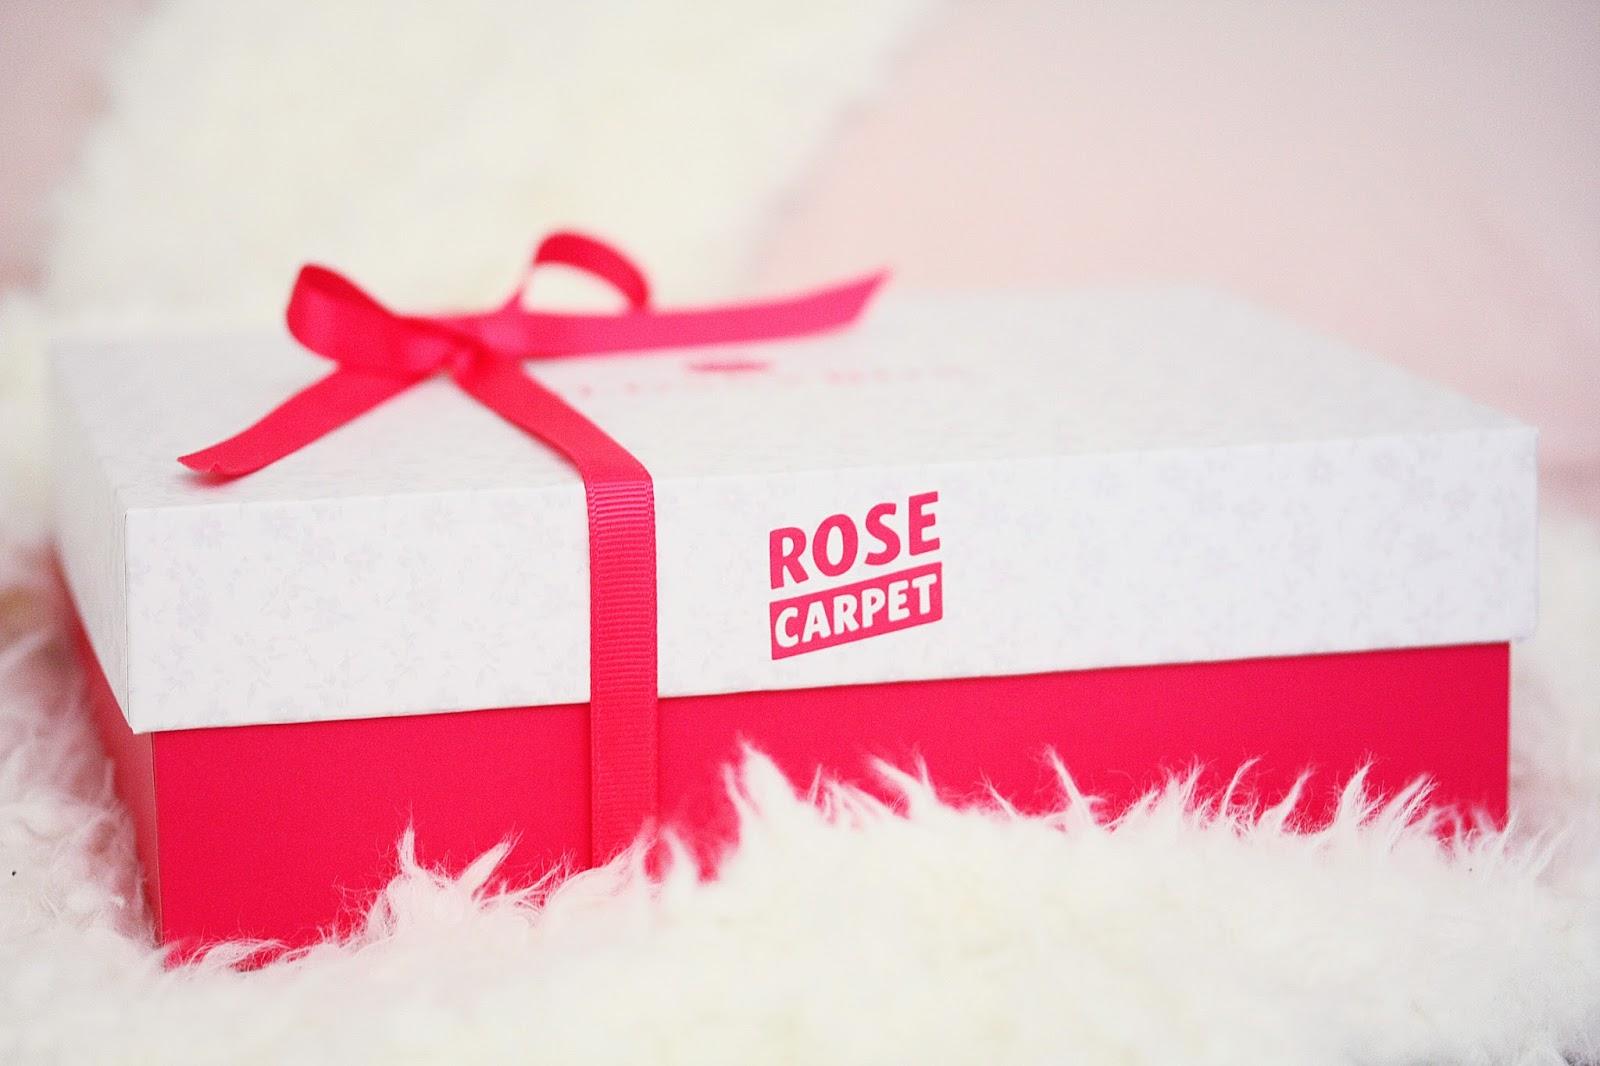 http://www.rosemademoiselle.com/2015/12/glossybox-rose-carpet.html